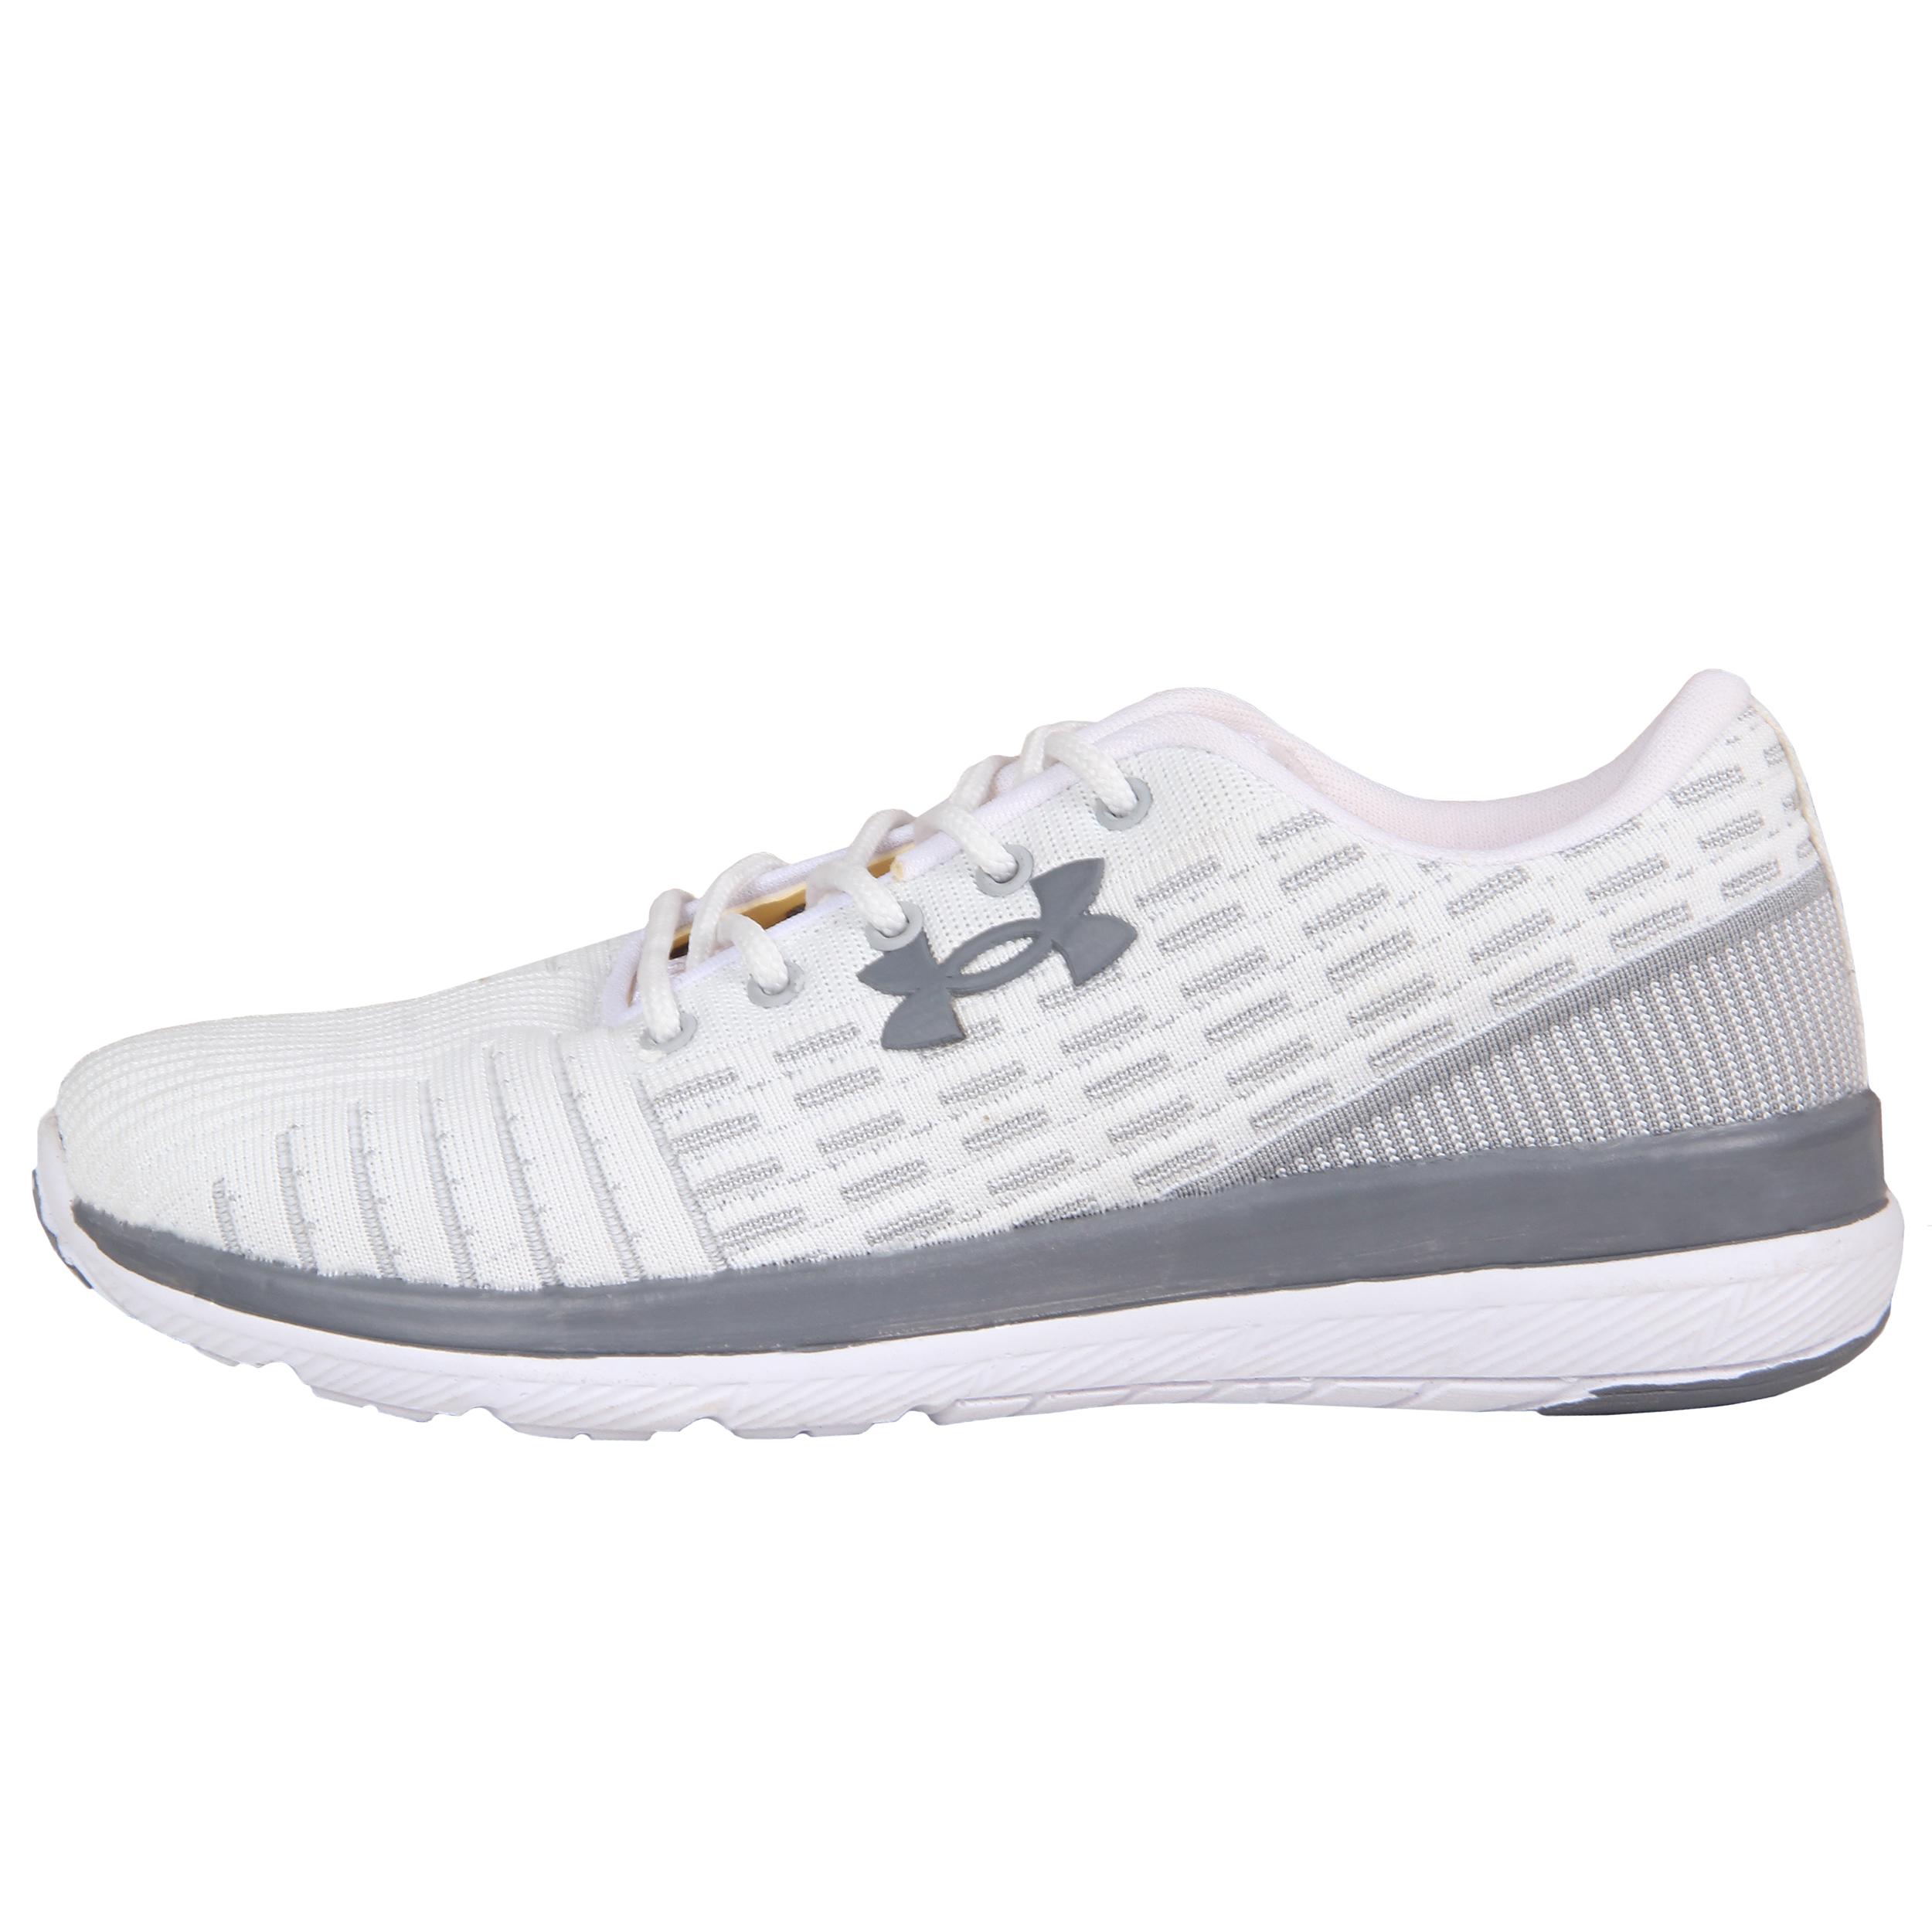 کفش مخصوص پیاده روی مردانه کد 54-2449